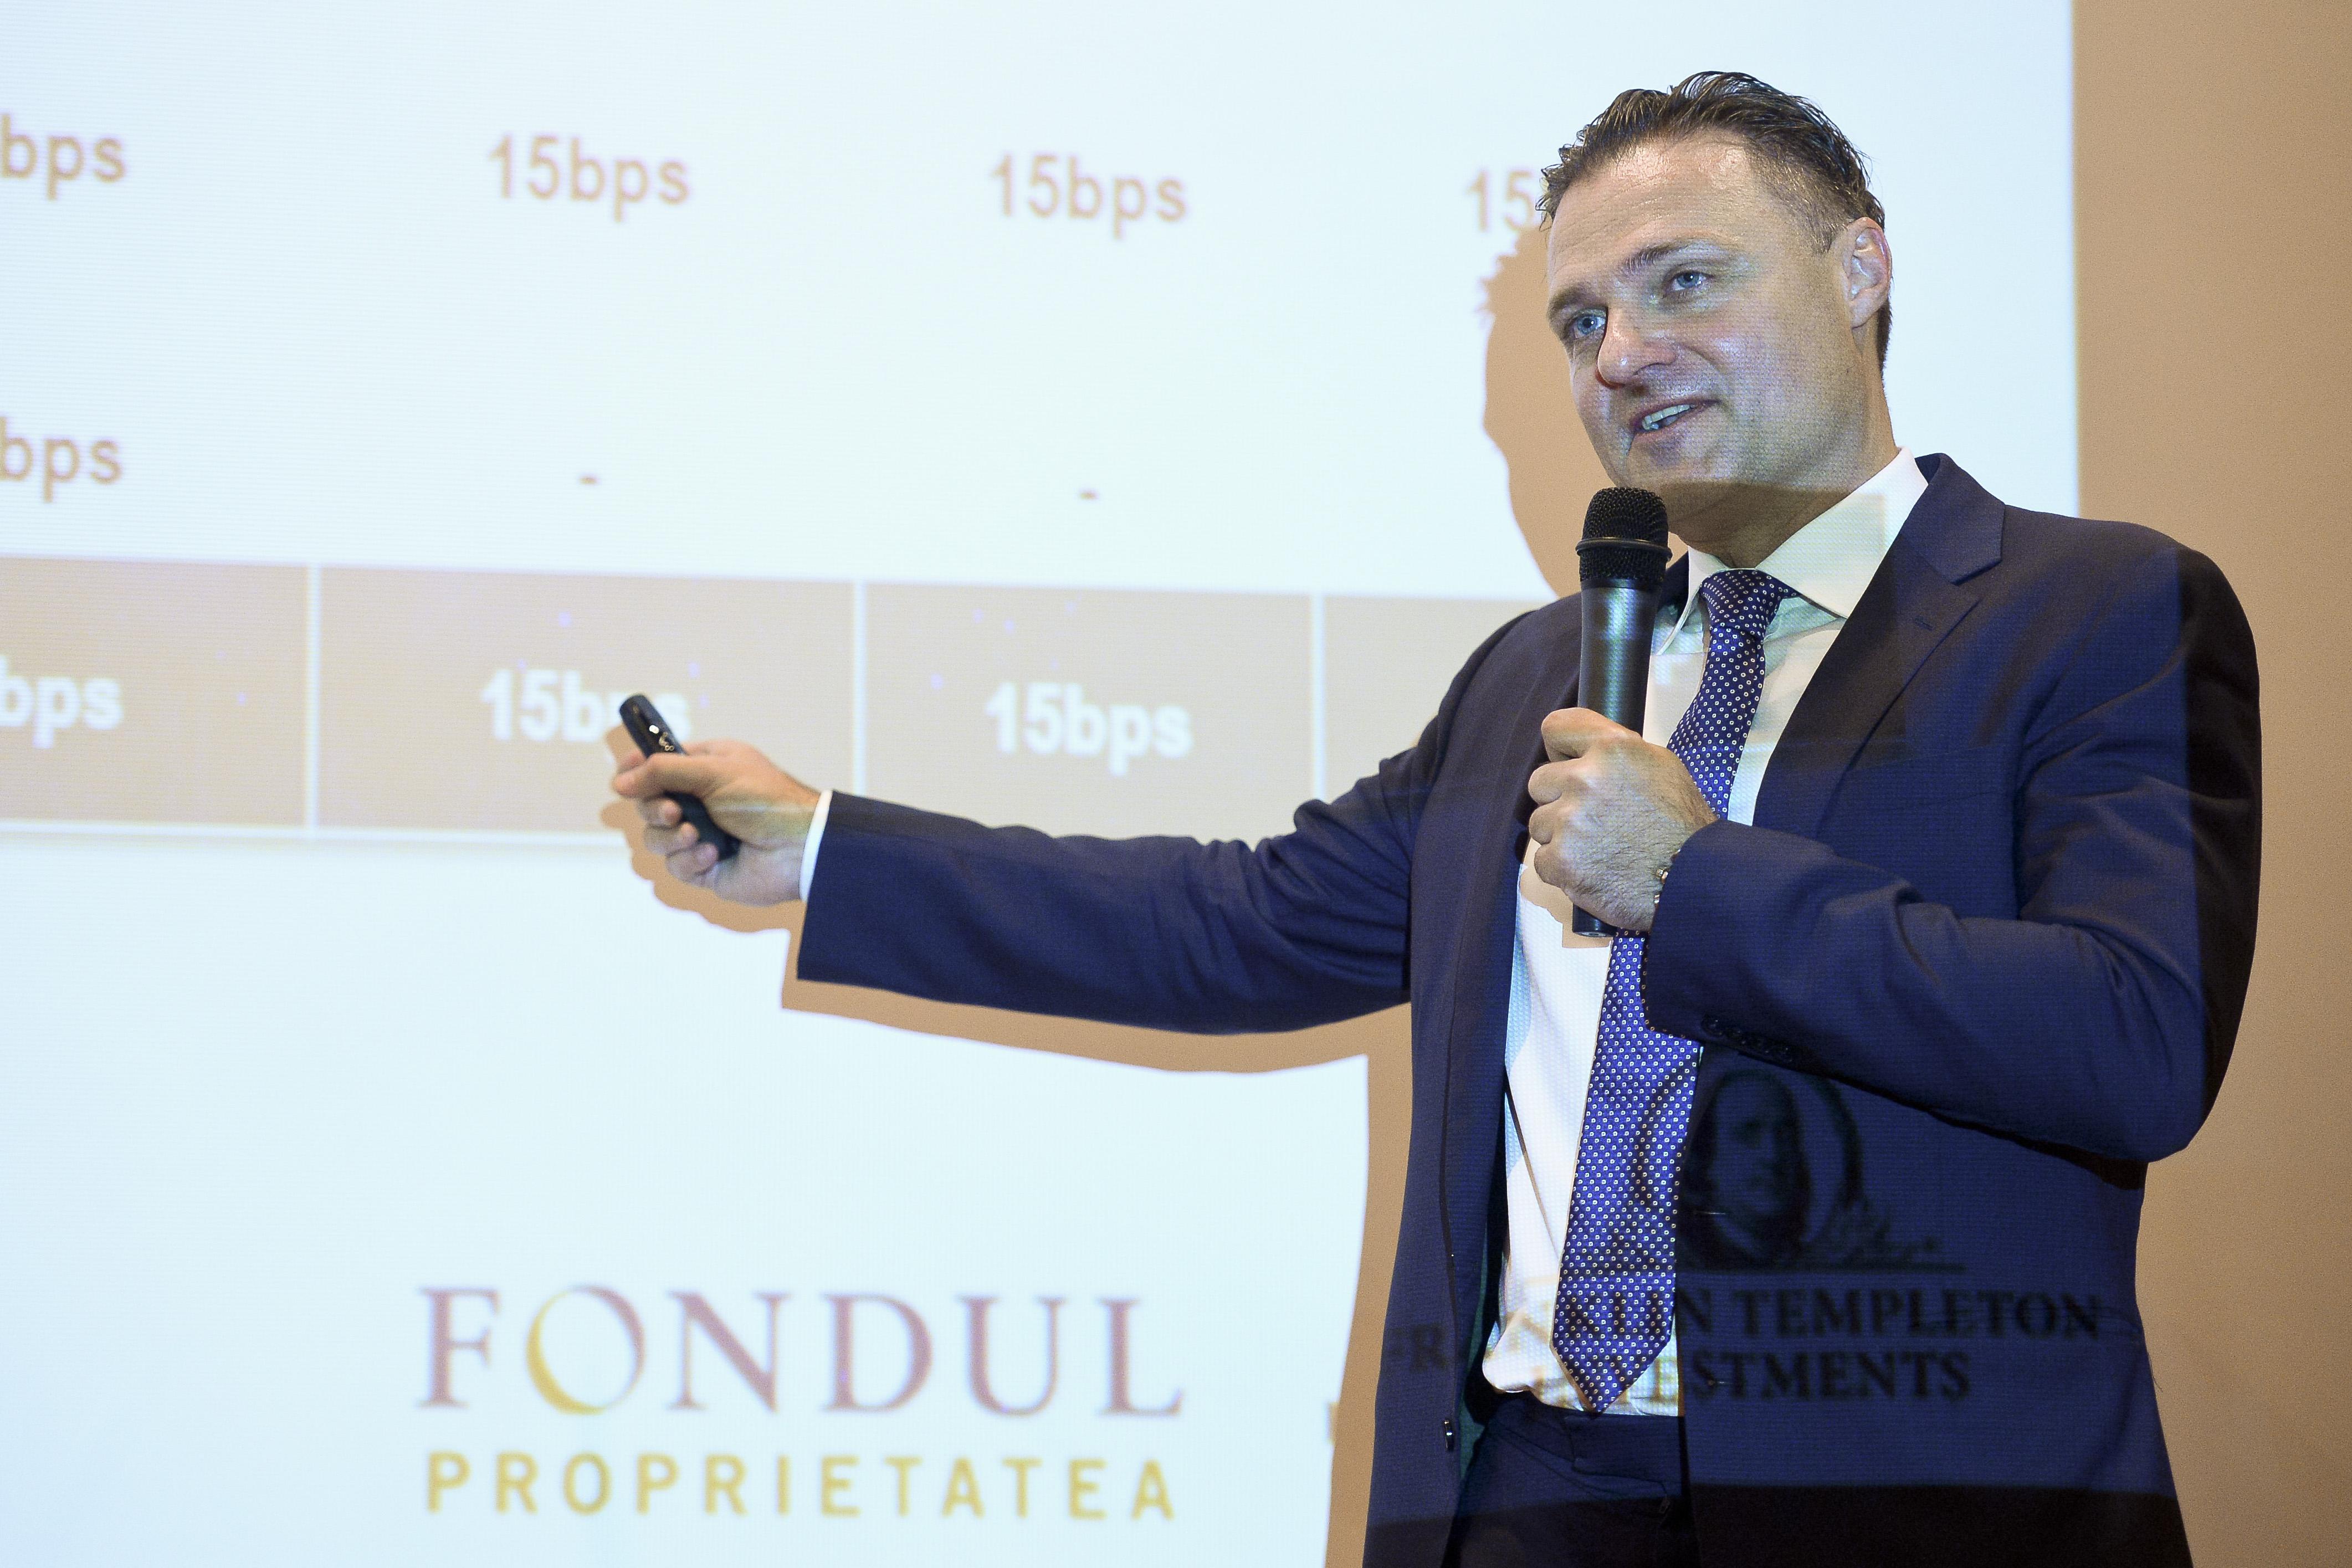 BURSA DE VALORI BUCURESTI - ANIVERSARE - FONDUL PROPRIETATEA